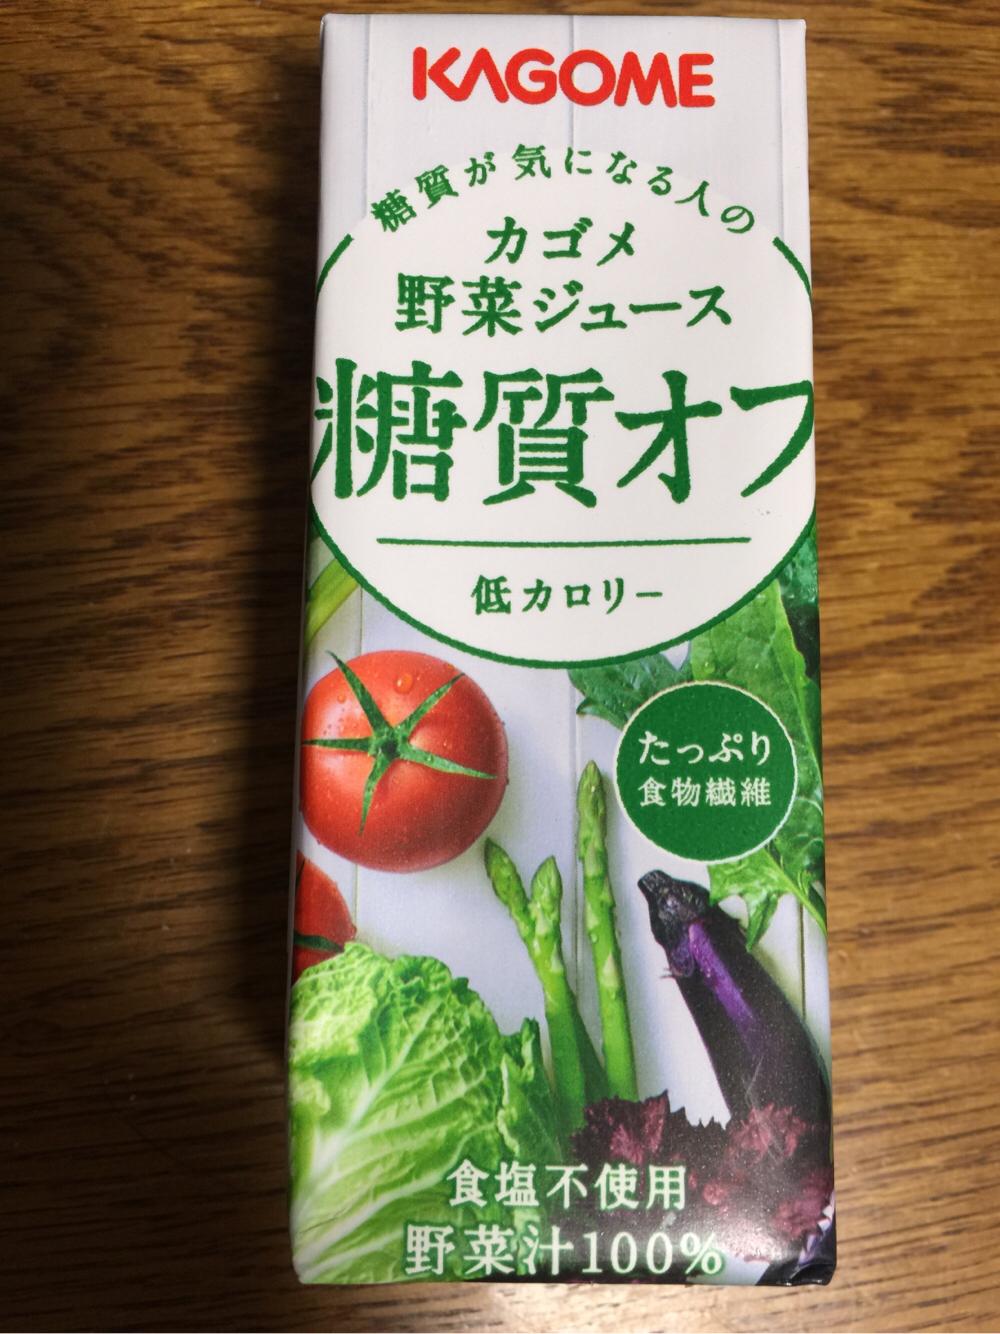 KAGOMEやるじゃん!低糖質・低カロリータイプの野菜ジュース! 【低炭水化物ダイエット】